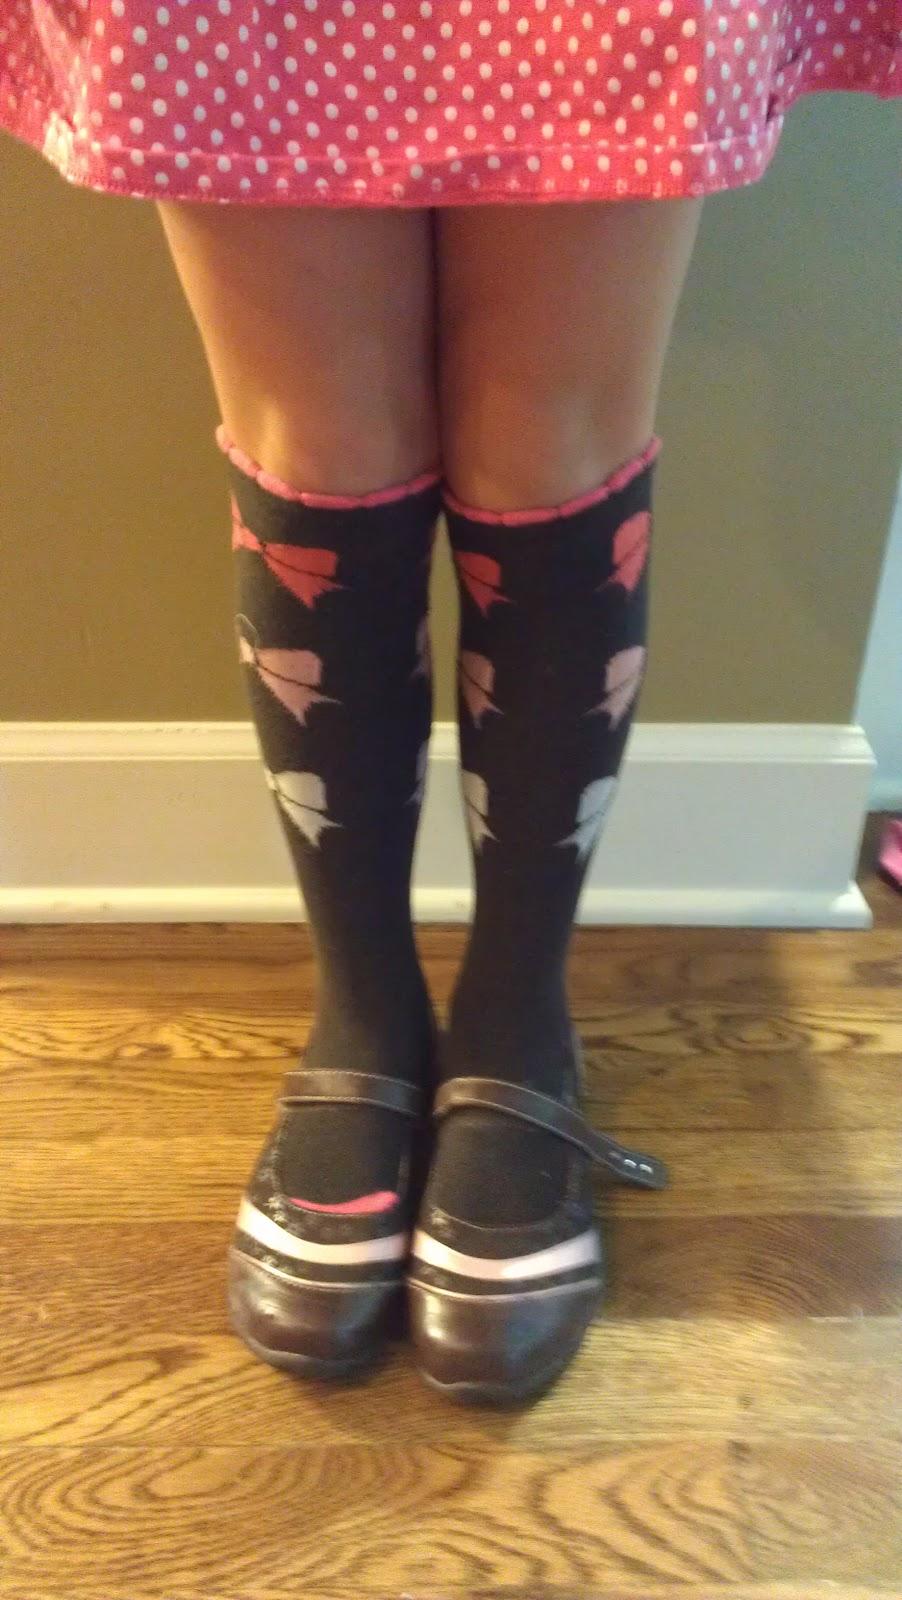 2014-08-26-kneesocks.jpg